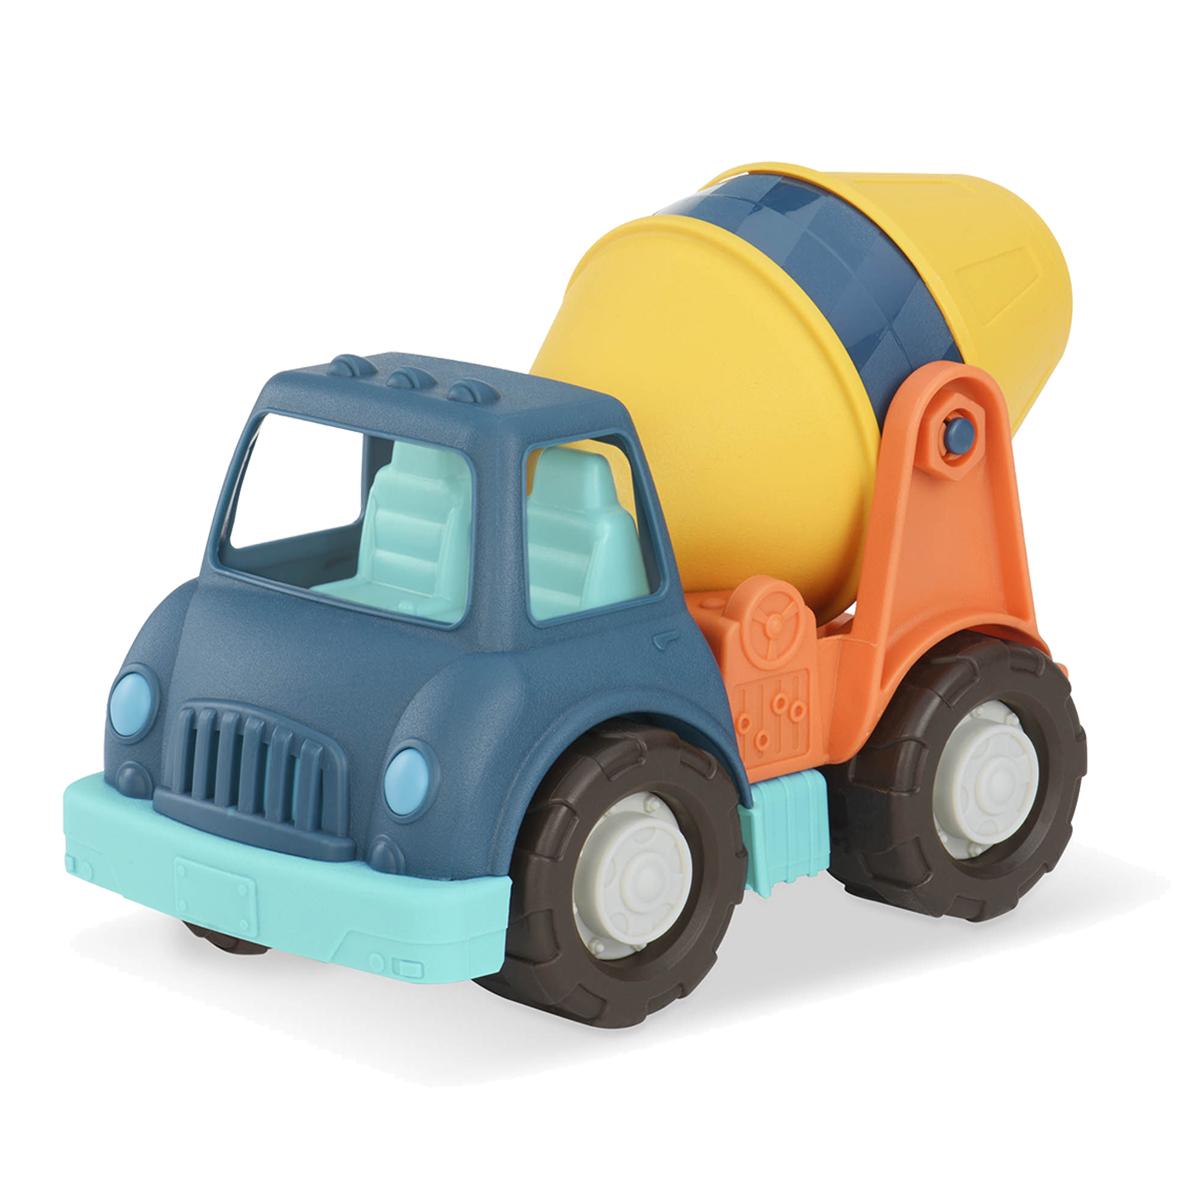 Wonder Wheels Грузовик-цементовоз68032Грузовик-цементовоз Wonder Wheels привлечет внимание вашего ребенка и станет его любимой игрушкой. Изделие выполнено из безопасного материала. Функциональность игрушки дает возможность ребёнку окунуться с головой в игровой процесс. А высокое качество игрушки позволяет наслаждаться любимой игрой в полной мере и в любое время года. Ваш маленький водитель увлеченно будет играть с машинкой, придумывая различные истории. Порадуйте его таким замечательным подарком!